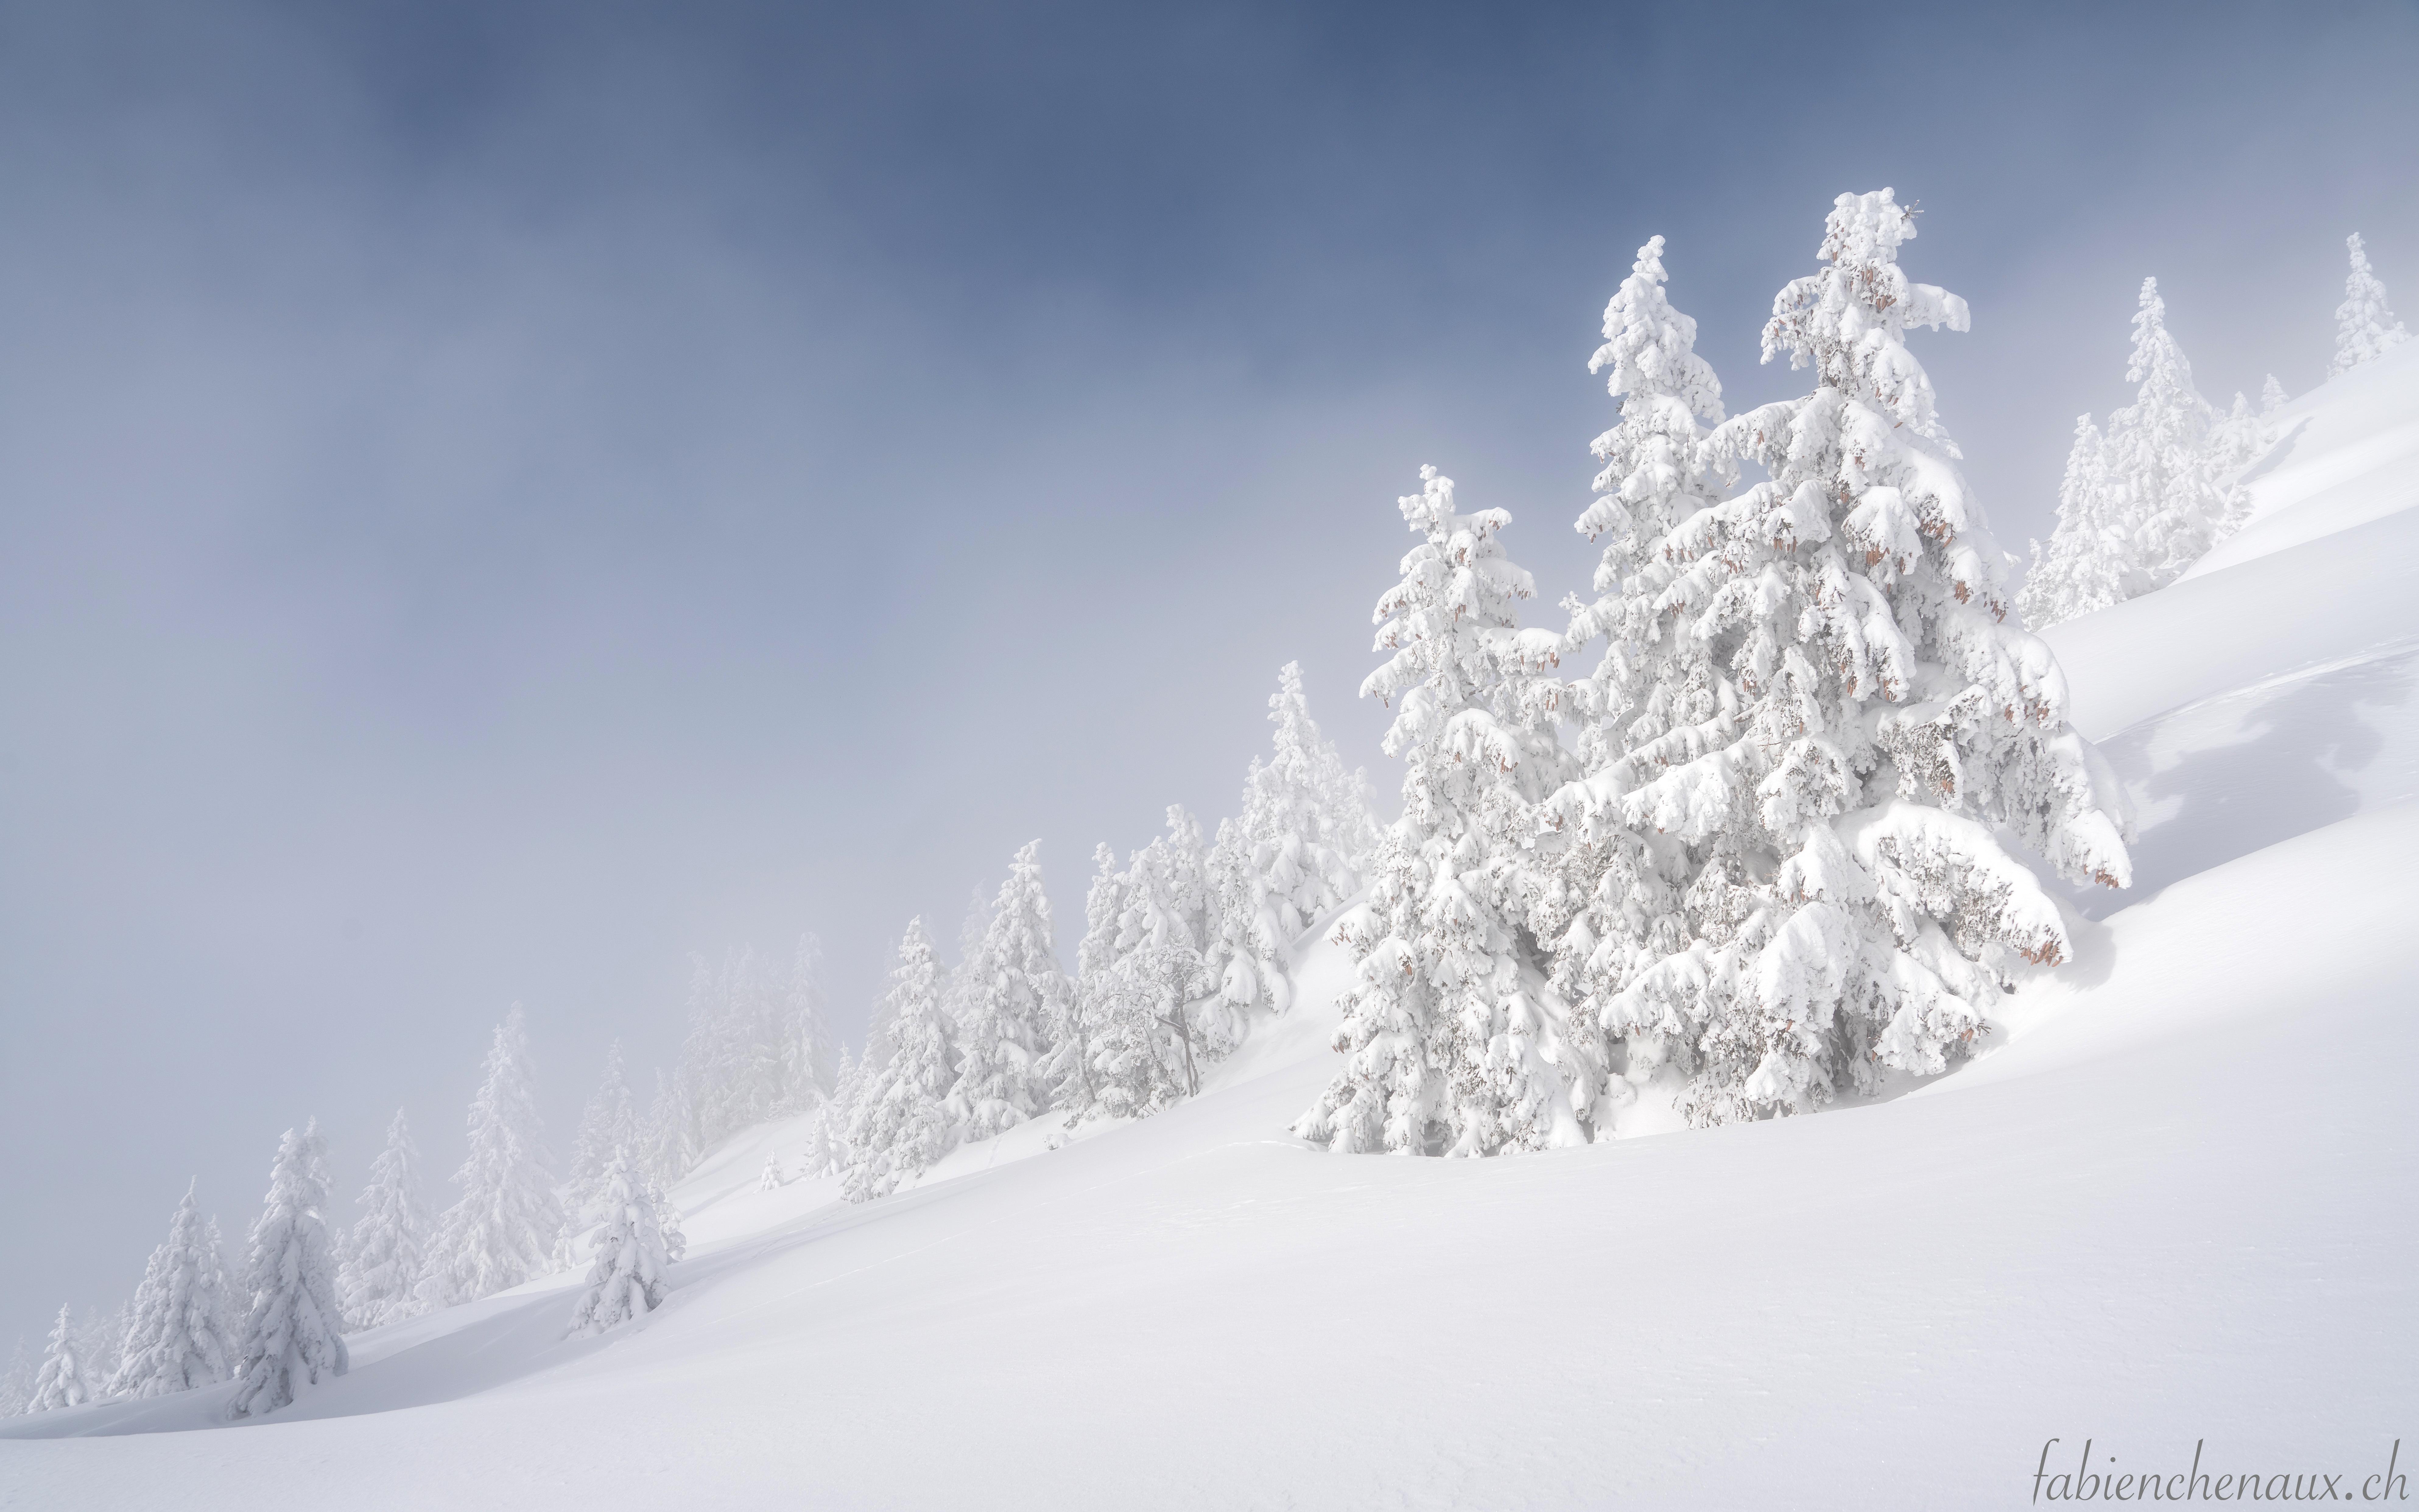 Féerie hivernale...